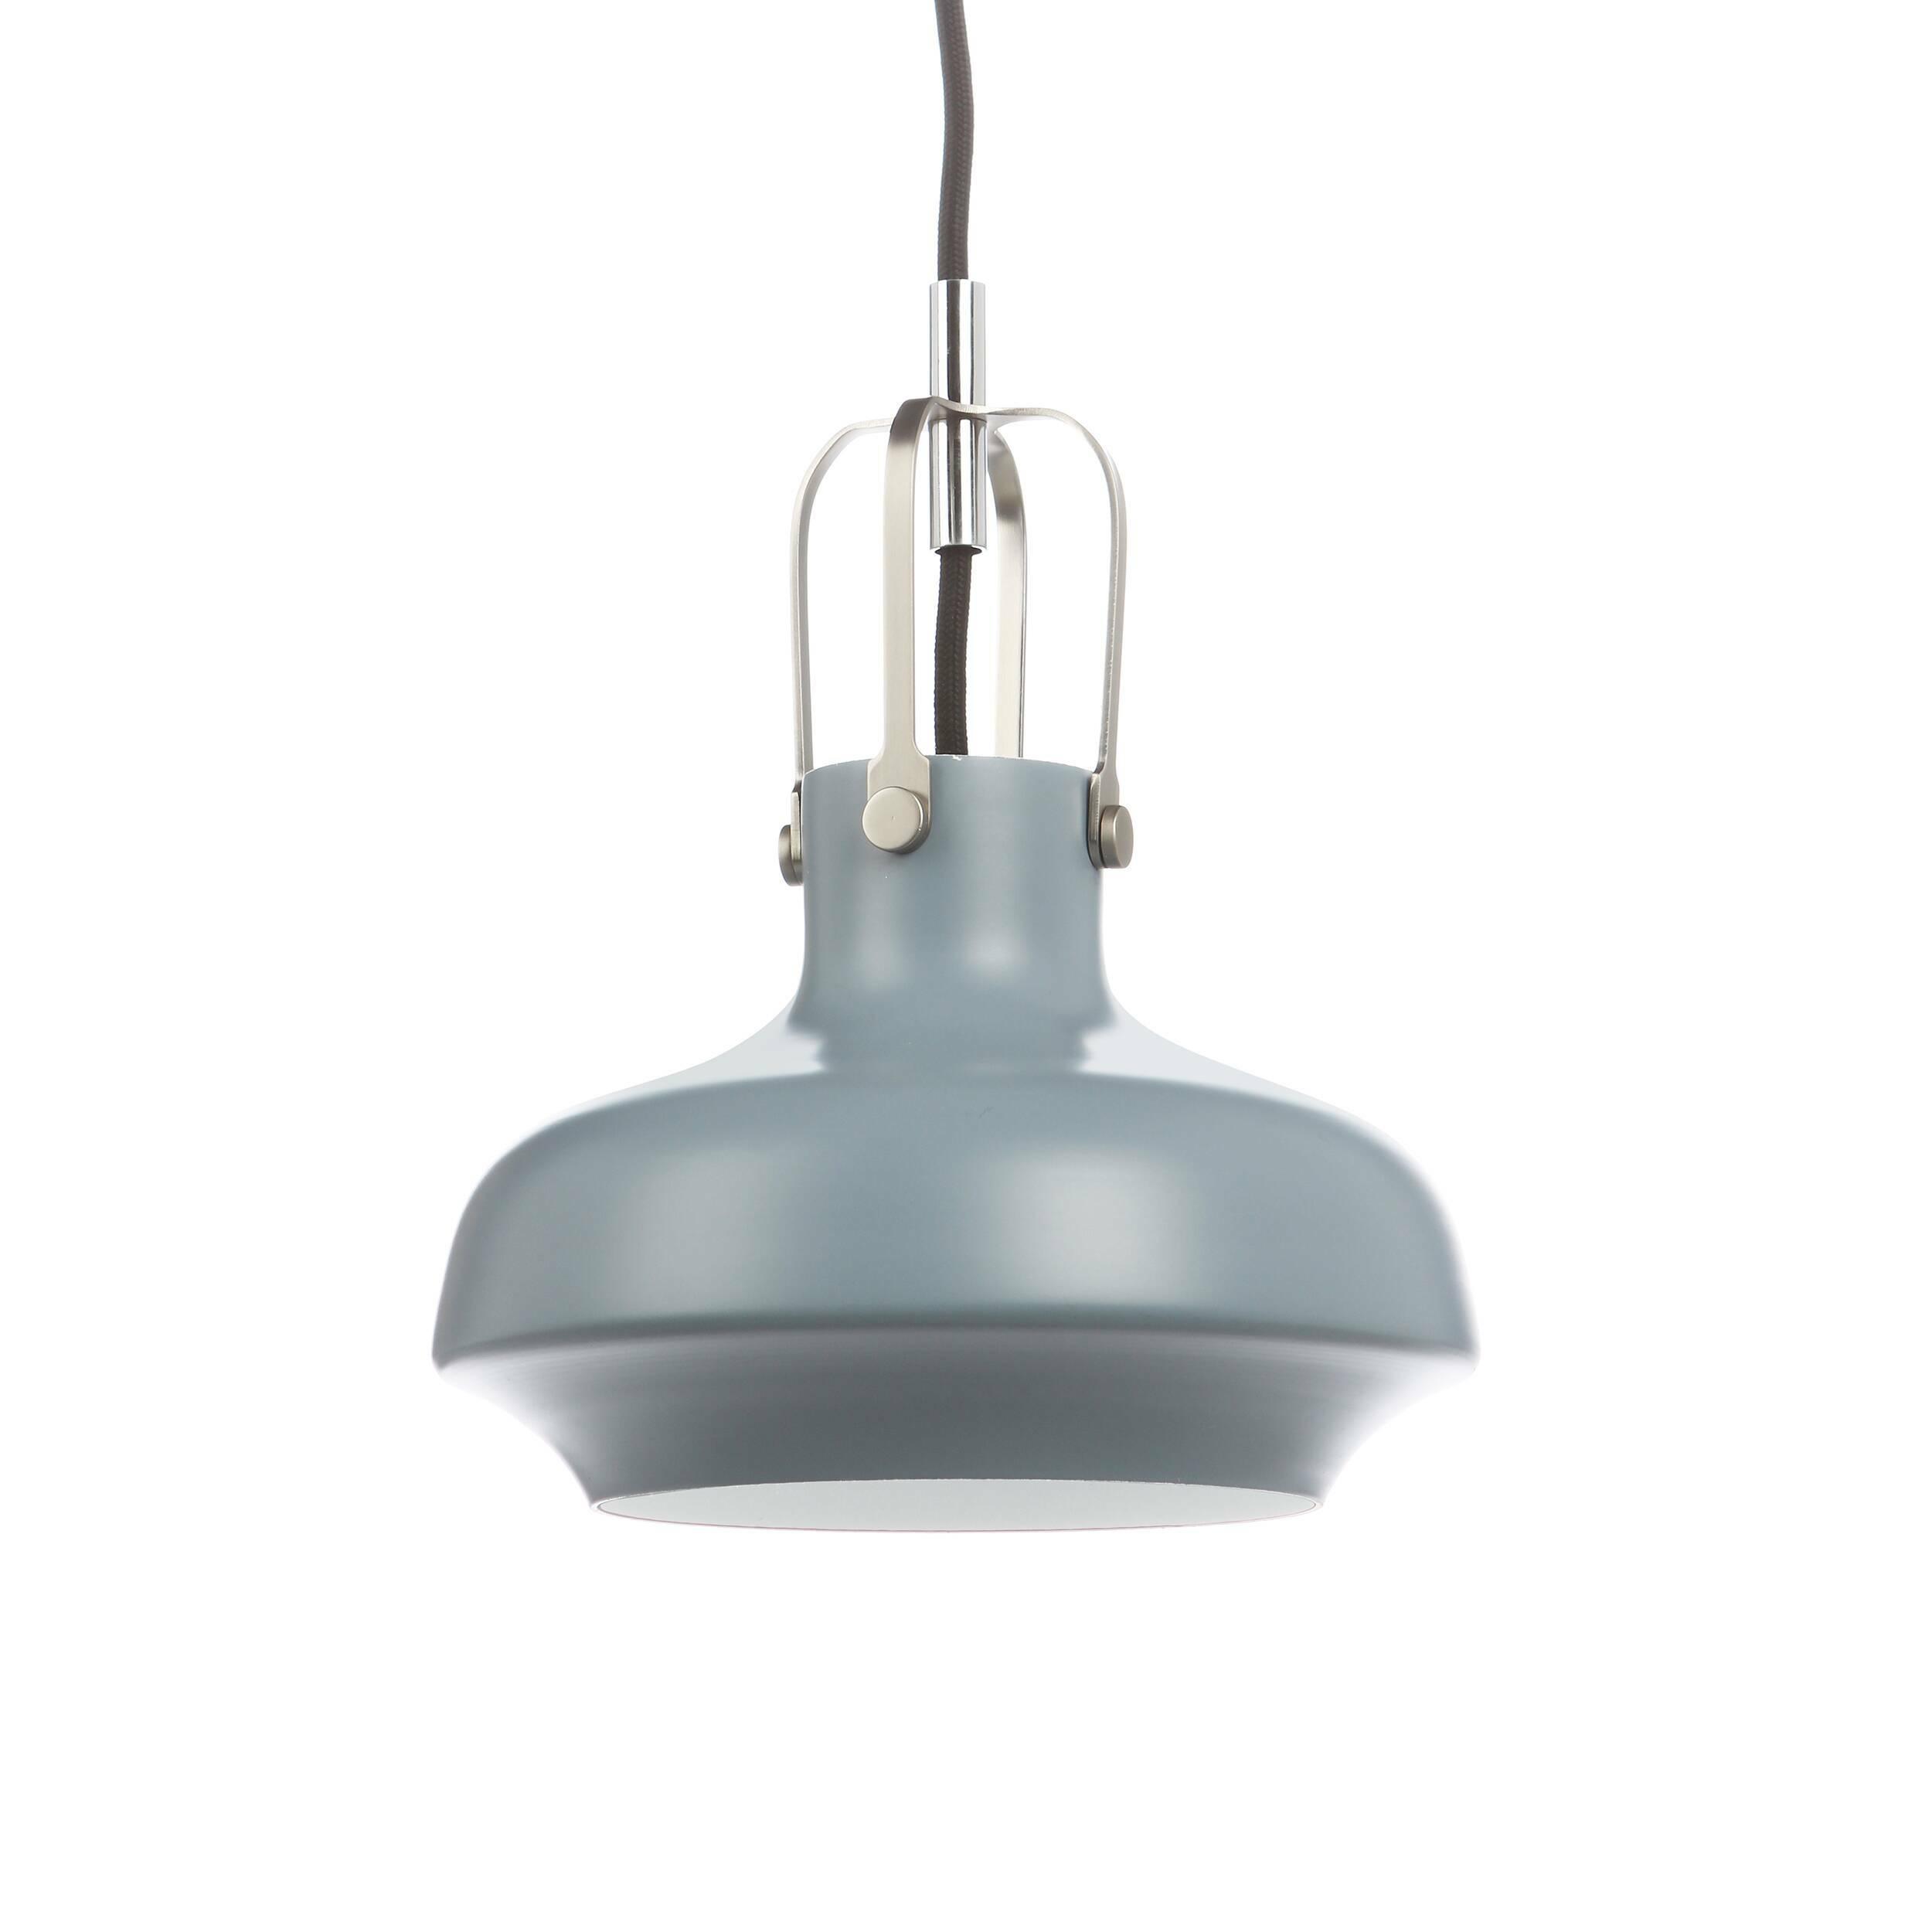 Подвесной светильник Copenhagen диаметр 20Подвесные<br>«Нам хотелось создать дизайн подвесного светильника с небольшим акцентом на индустриальный стиль, чтобы элегантность  и утонченность изделия никак не пострадала», — говорят дизайнеры светильника Copenhagen.  <br><br><br> Подвесной светильник Copenhagen диаметр 20 — это наглядный пример гармонии контрастных цветов. Комбинирование современного и классического дизайна, морской и индустриальной стилистики рождают стильный подвесной светильник, которому нельзя отказать в красоте. <br><br><br> Простой ...<br><br>stock: 0<br>Высота: 180<br>Диаметр: 20<br>Количество ламп: 1<br>Материал абажура: Алюминий<br>Мощность лампы: 40<br>Ламп в комплекте: Нет<br>Напряжение: 220<br>Тип лампы/цоколь: E27<br>Цвет абажура: Серый